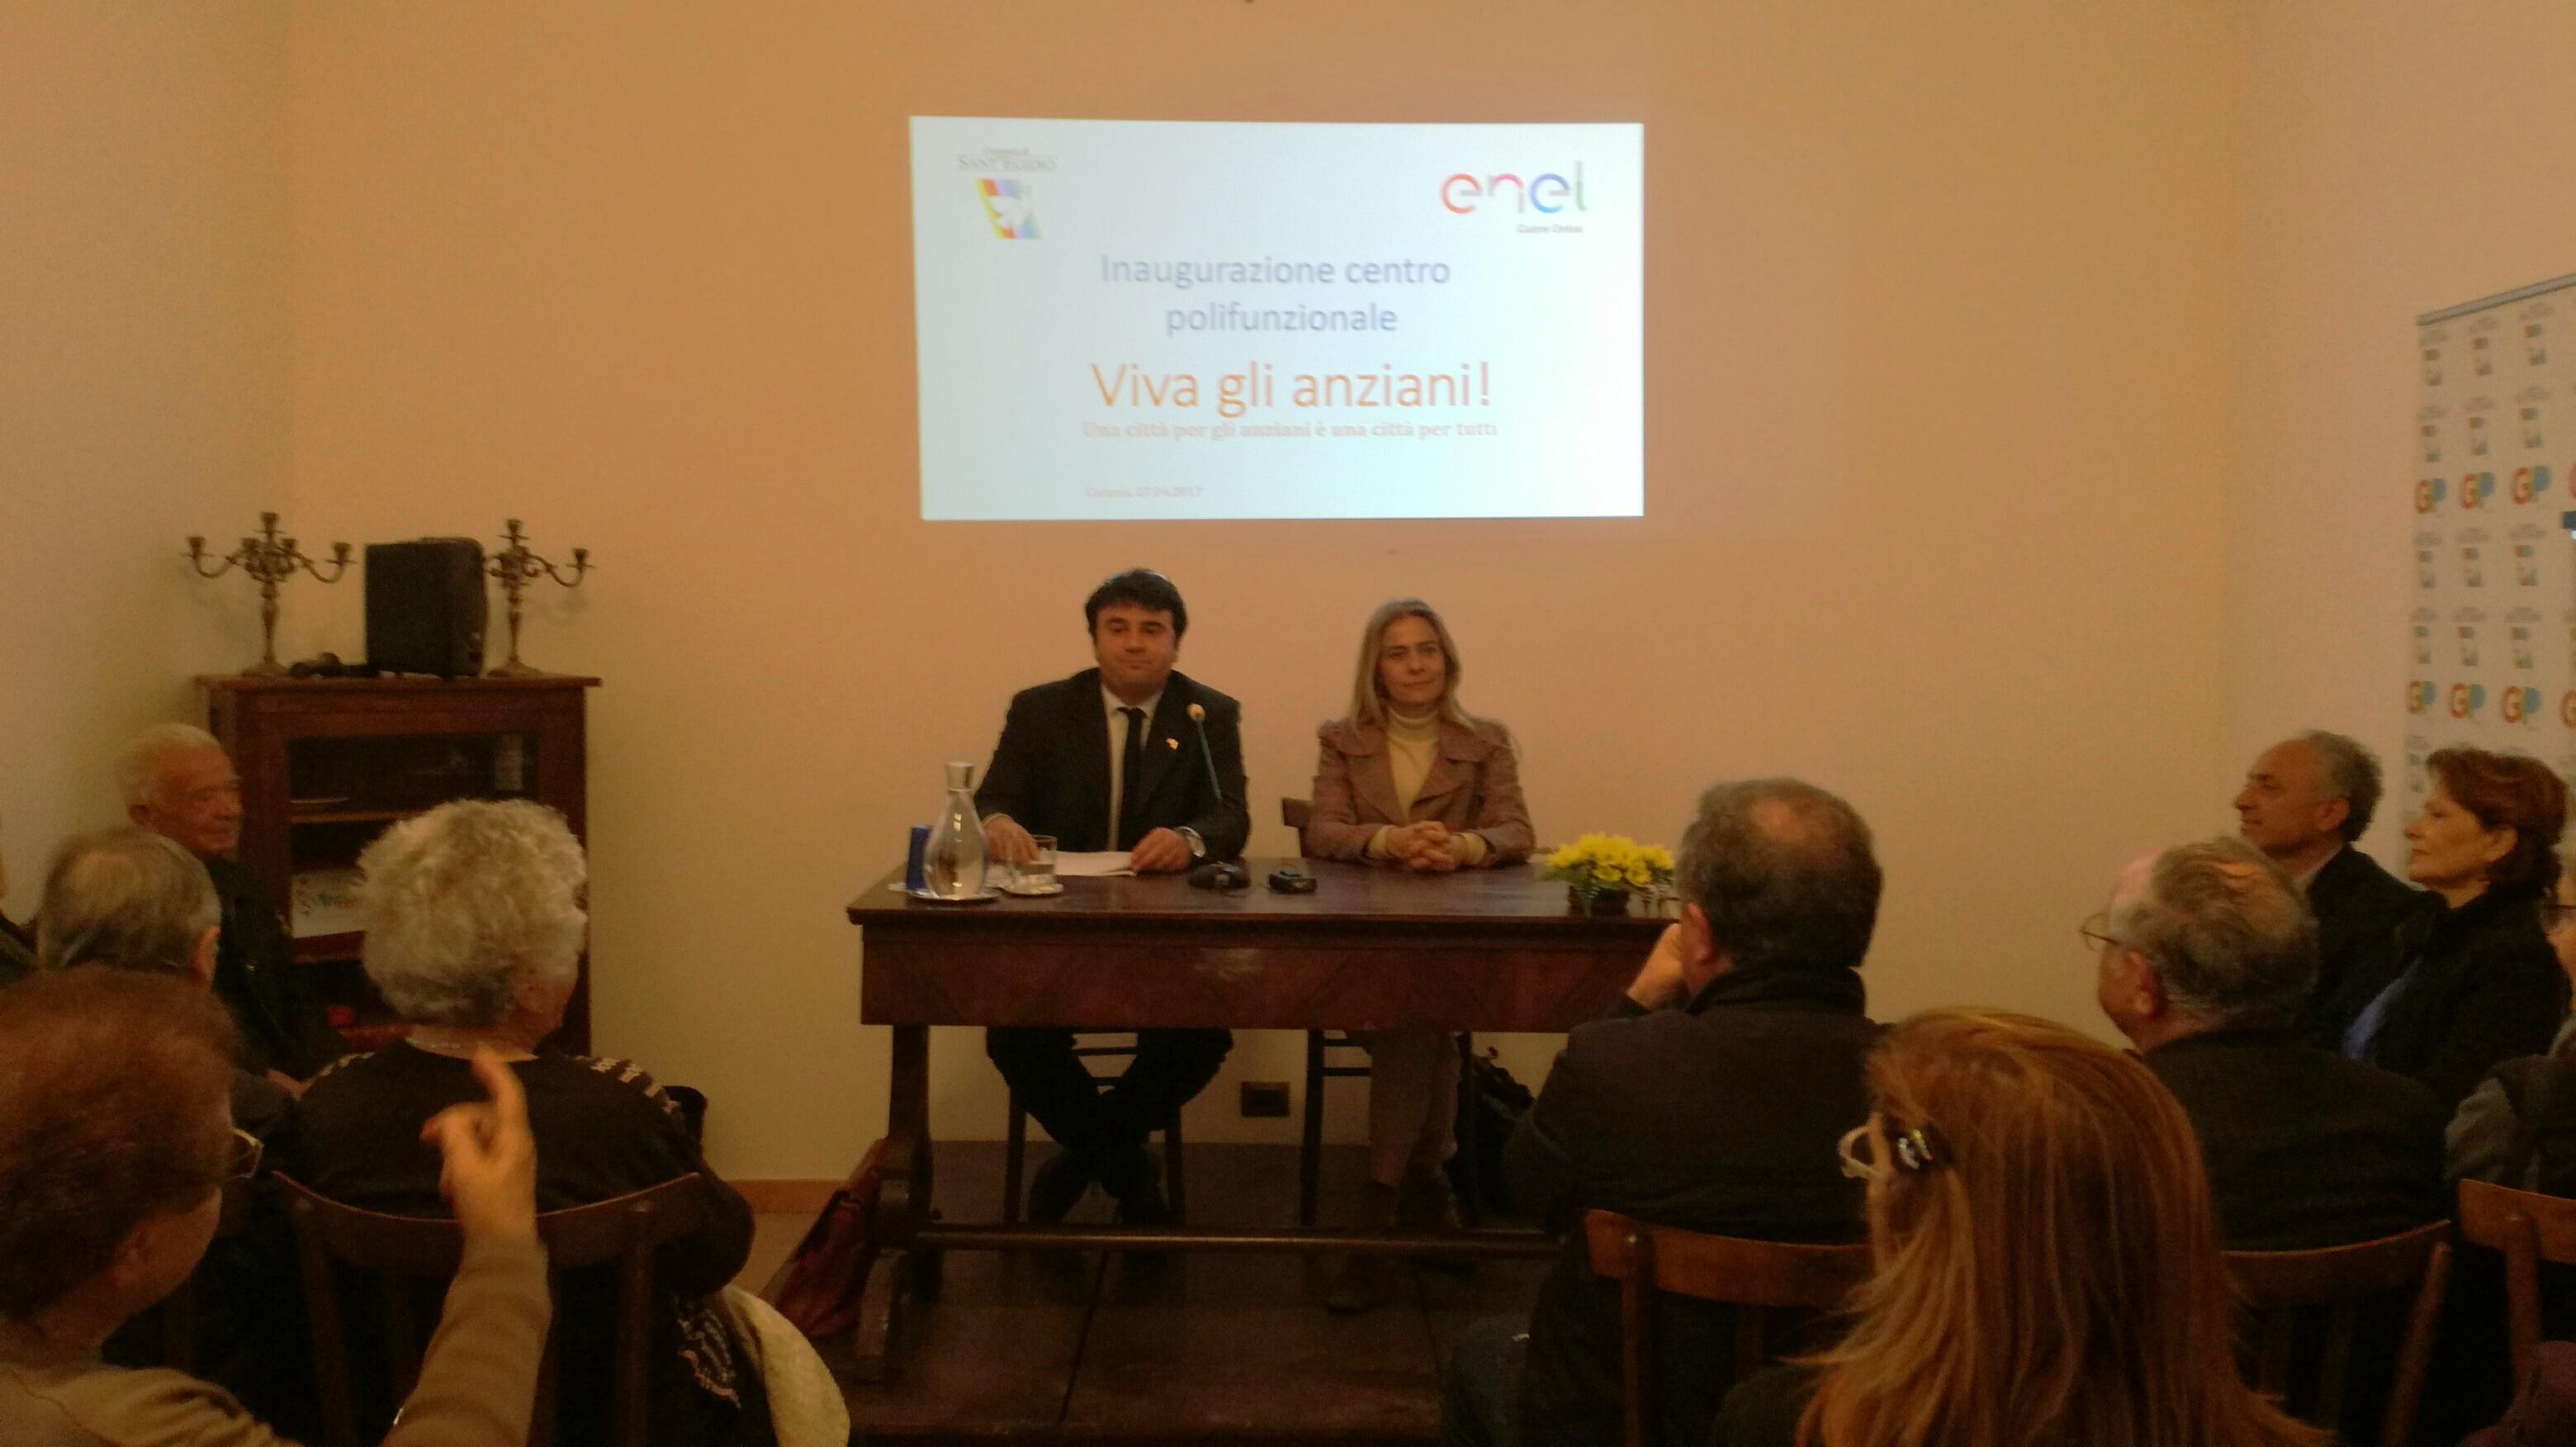 Rassegna stampa su CATANIA:LIVESICILIA:IT la news:  Sant'Egidio ed Enel inaugurano un Centro per gli anziani